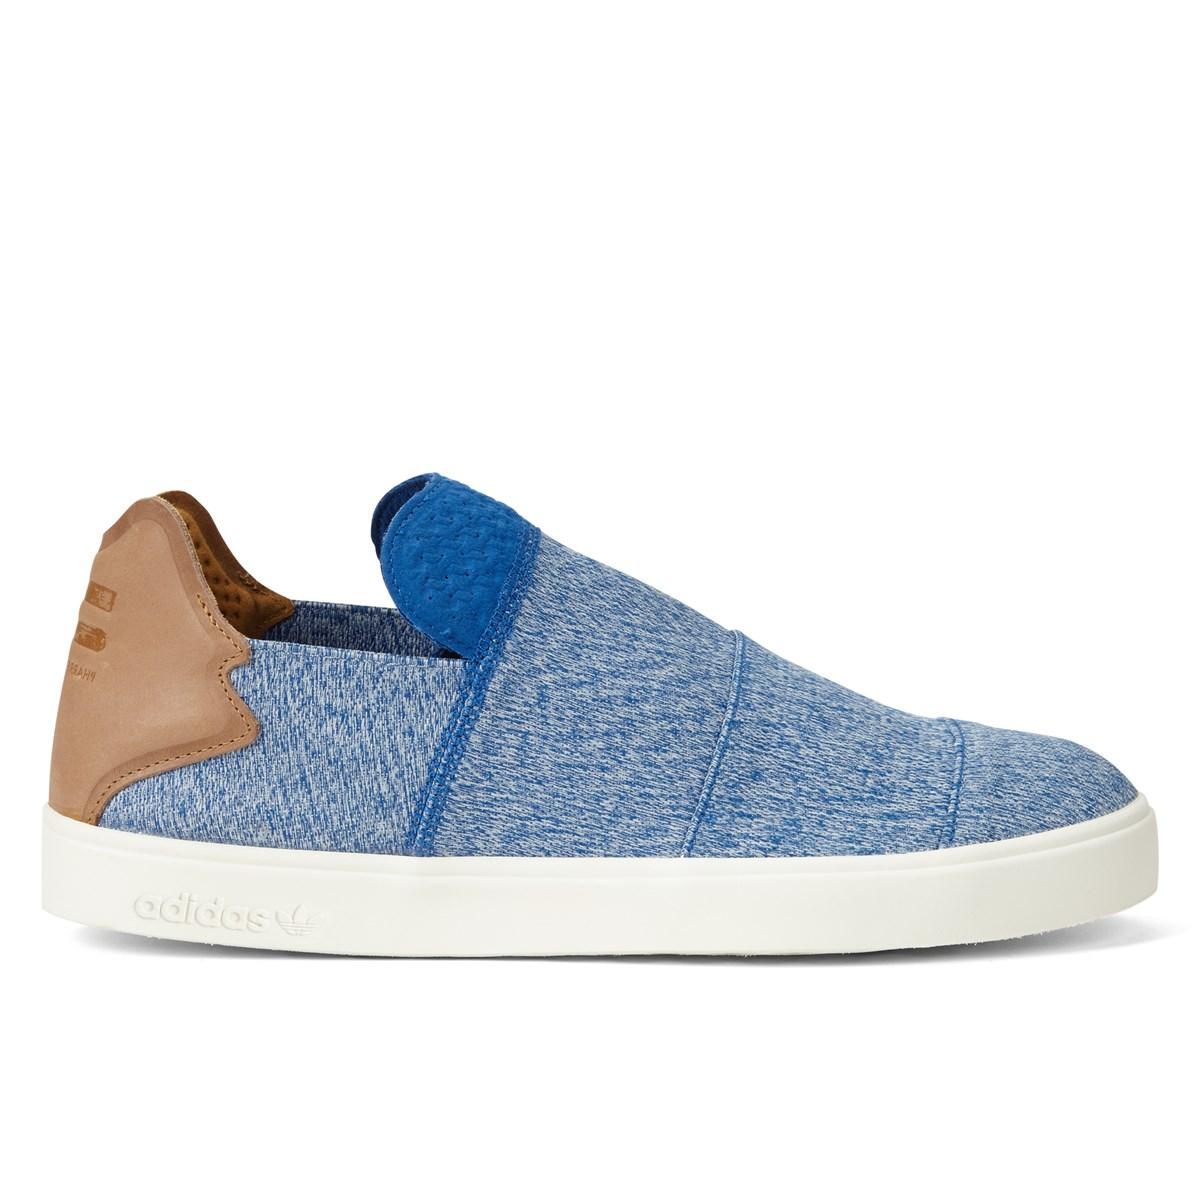 Baskets Vulc Pharrell Williams Slip On en bleu pour hommes